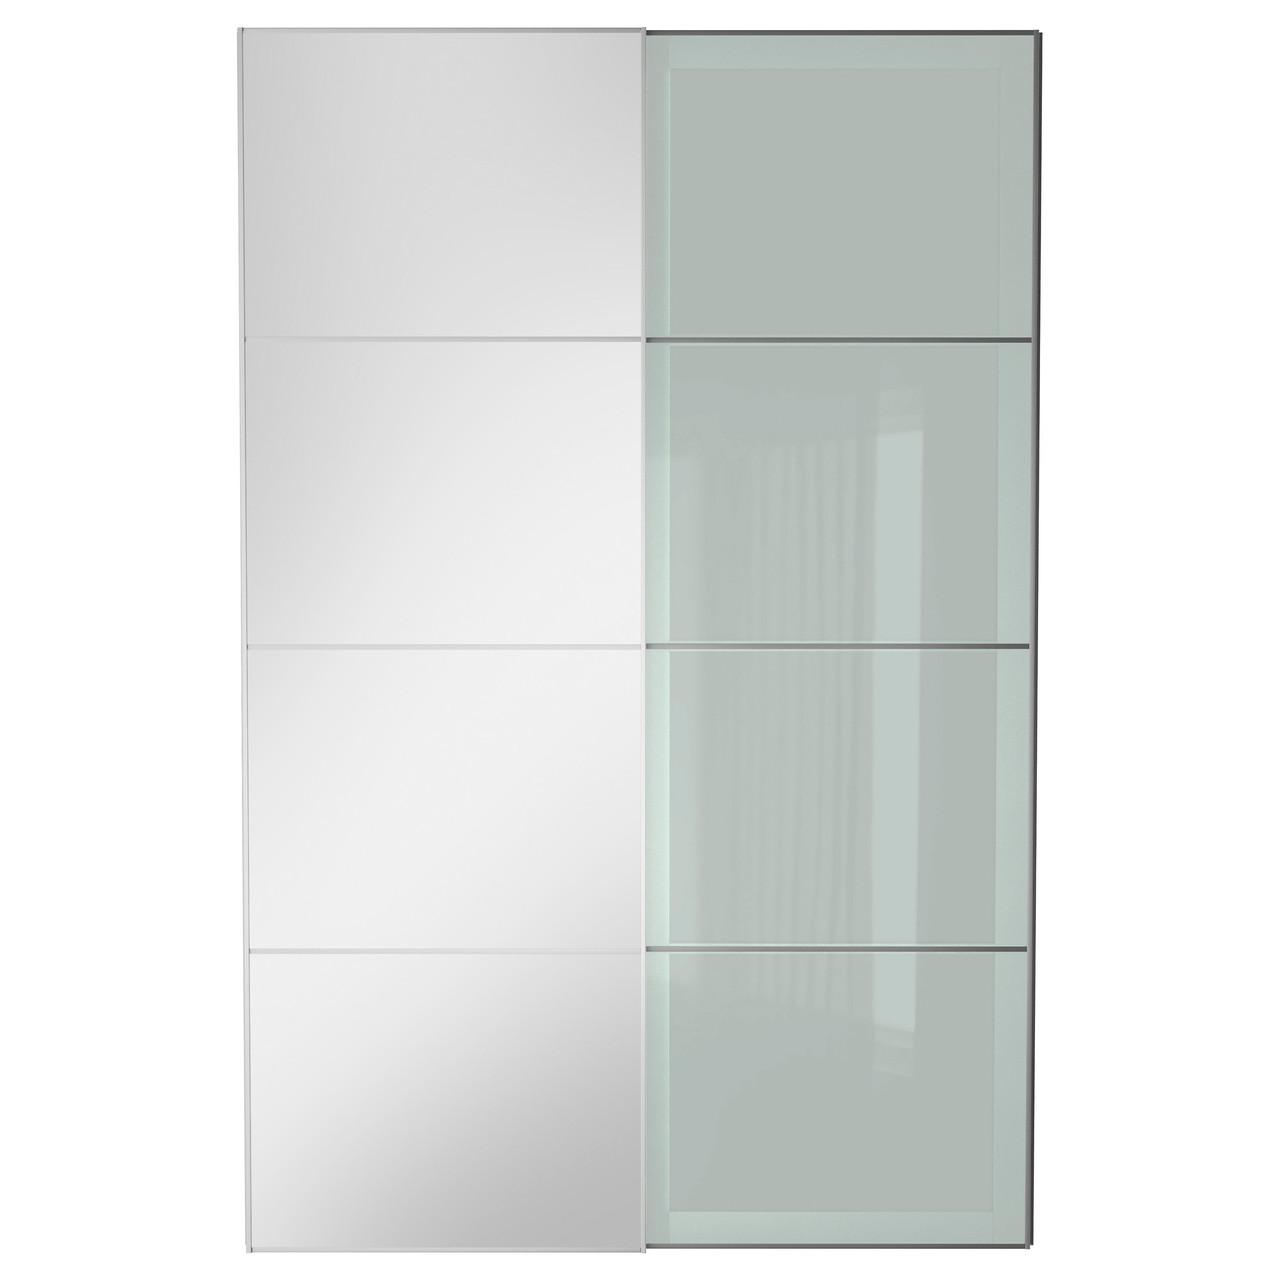 AULI / SEKKEN Пара раздвижных дверей, зеркальное стекло, матовое стекло 899.303.58